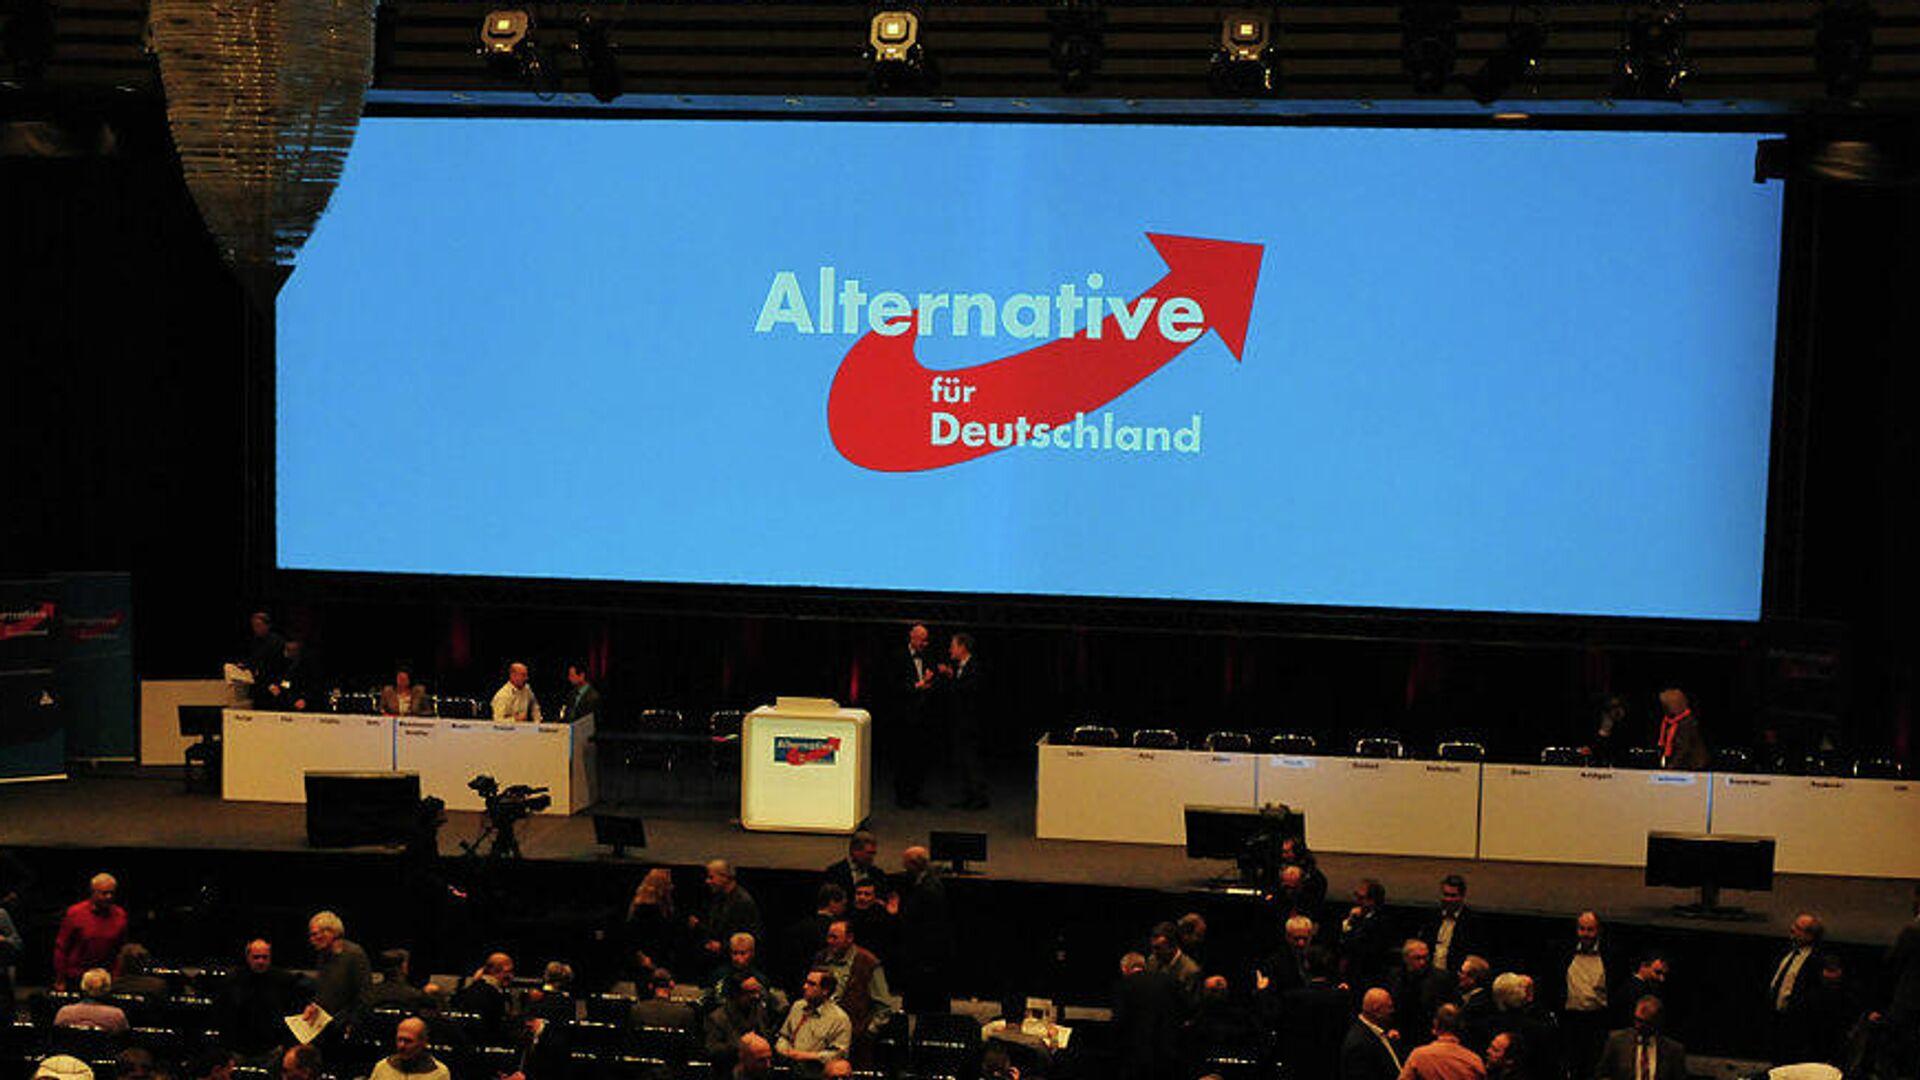 AfD-Logo ist auf einem Bildschirm während des Bundesparteitags in Bremen zu sehen (Archivbild) - SNA, 1920, 16.09.2021